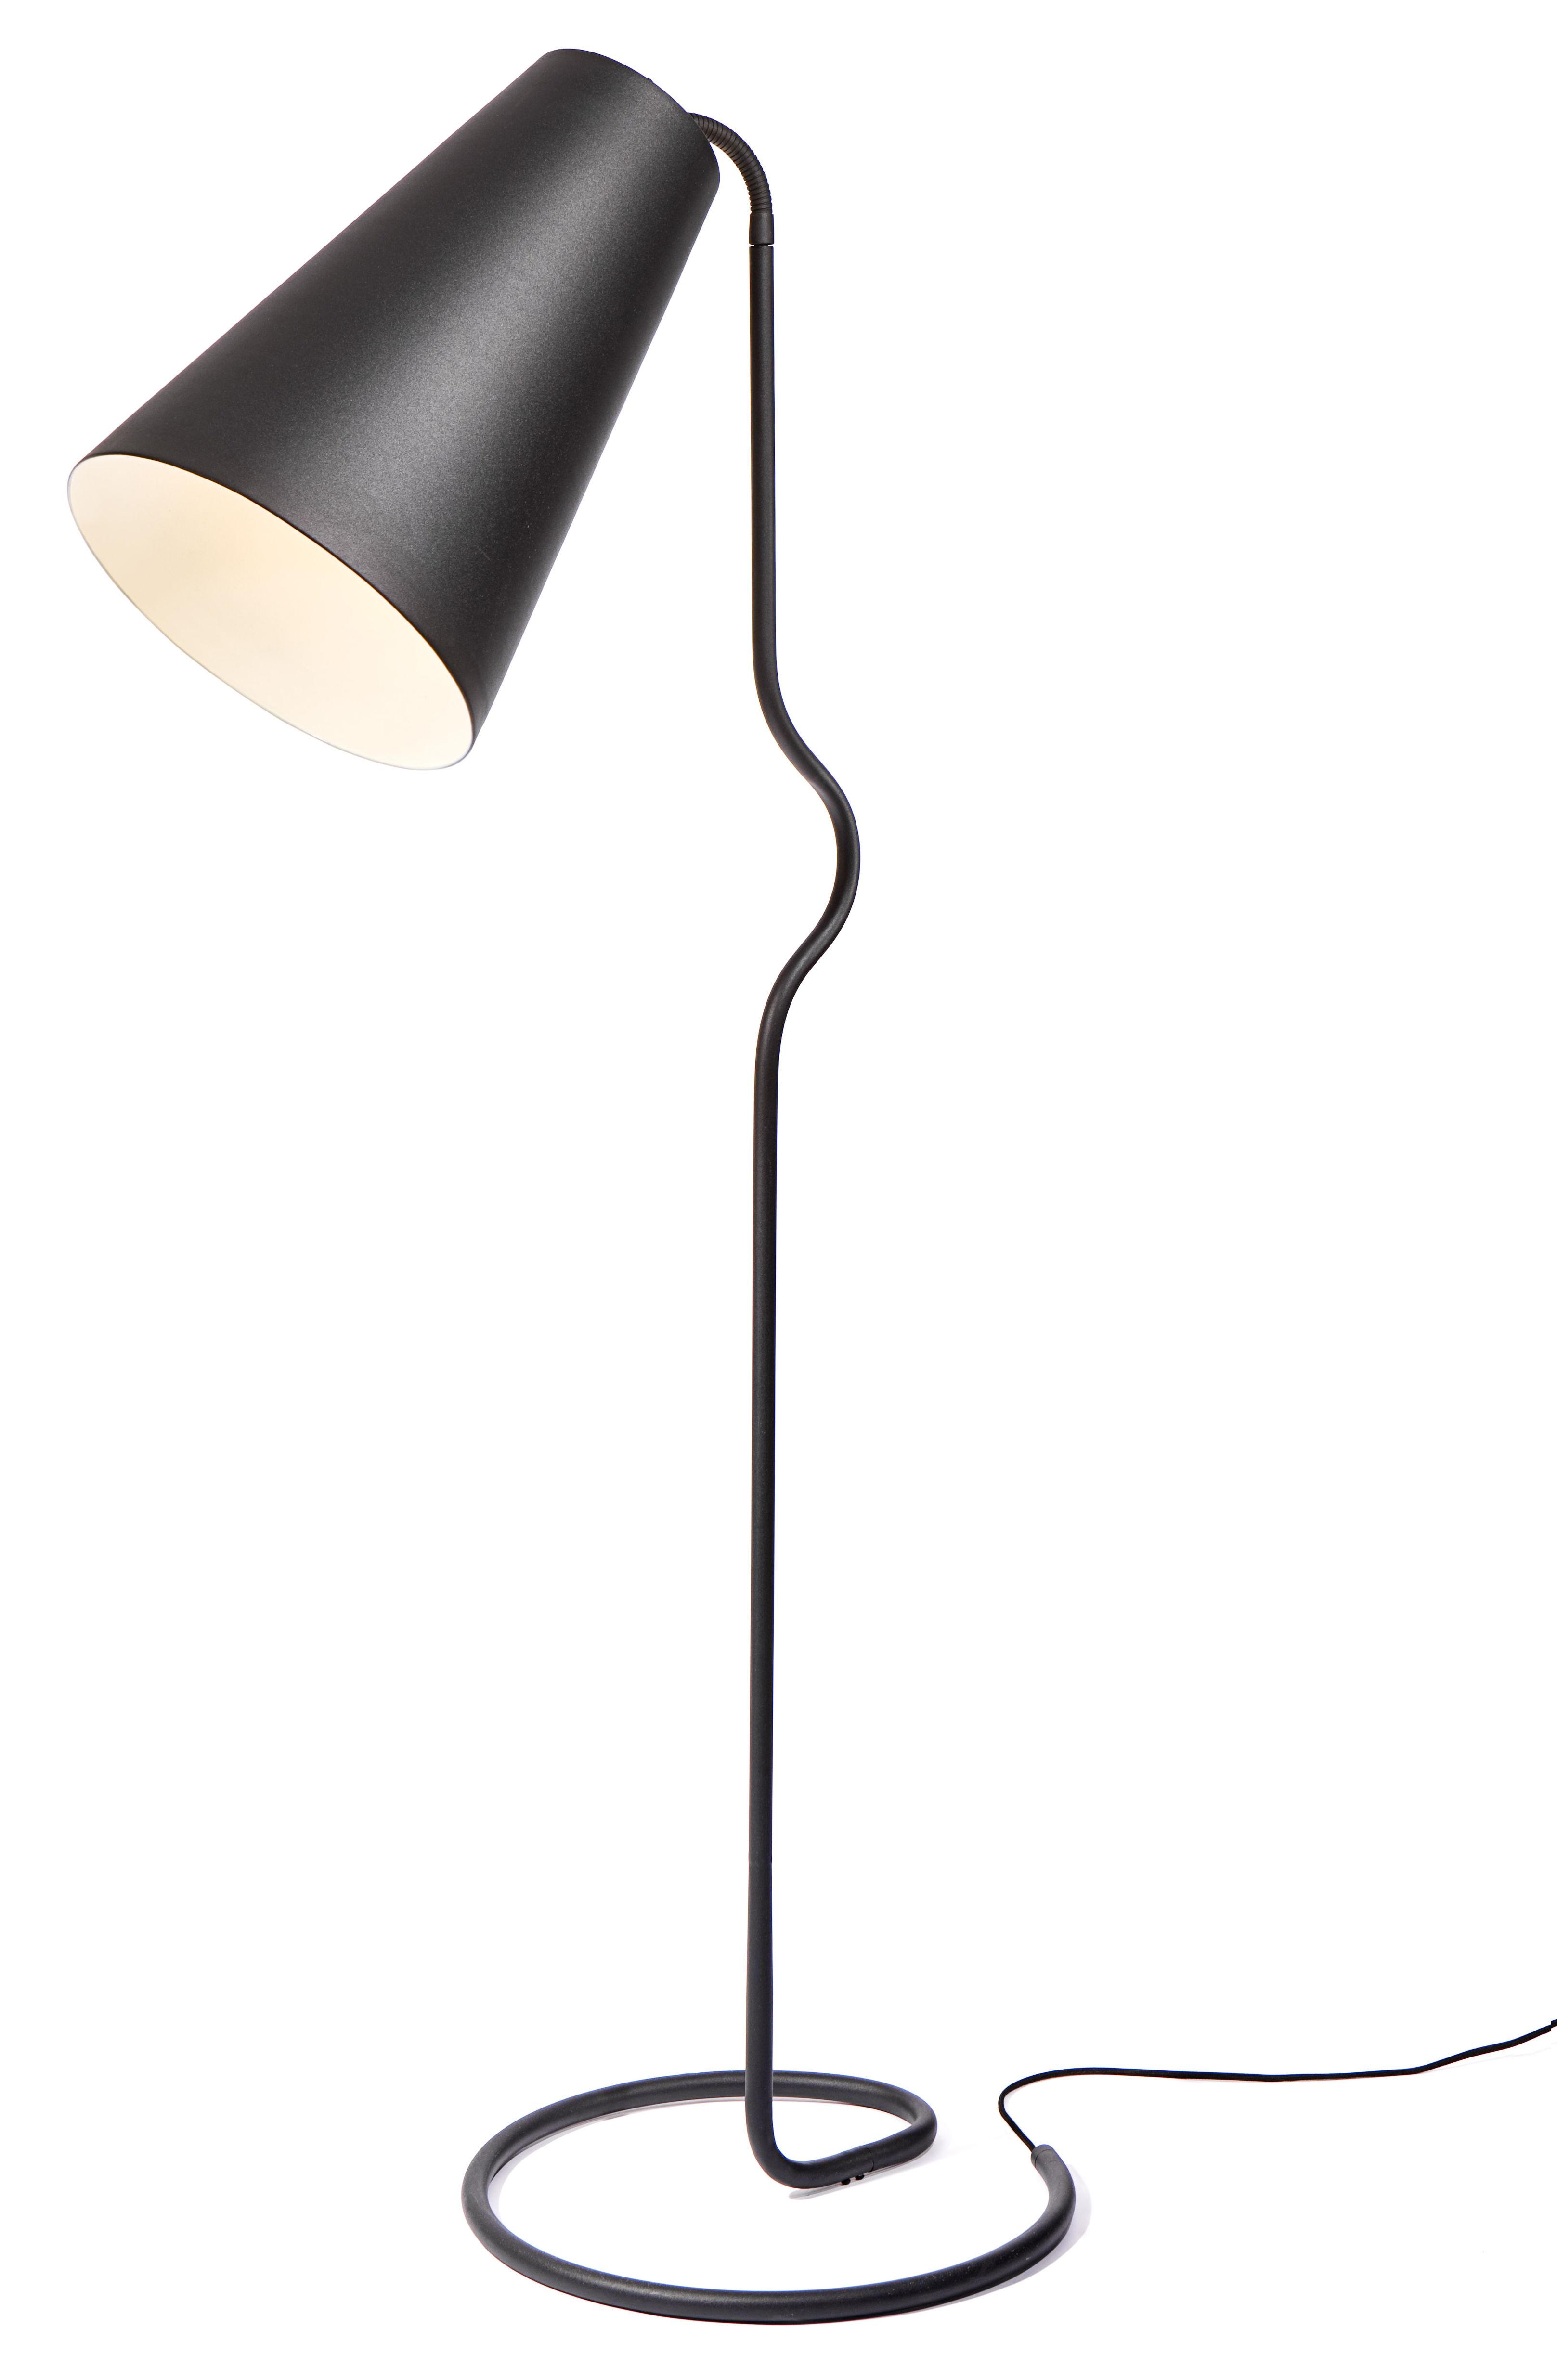 Leuchten - Stehleuchten - Bender Stehleuchte - Northern  - Schwarz - Aluminium, Stahl